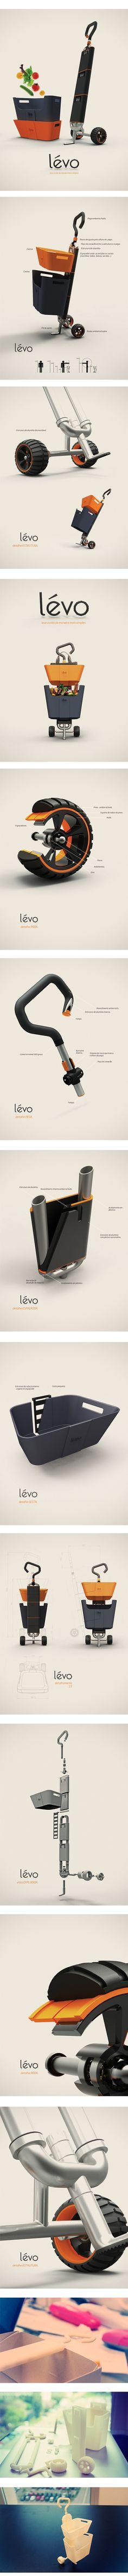 LEVO PRESENTATION LAYOUT